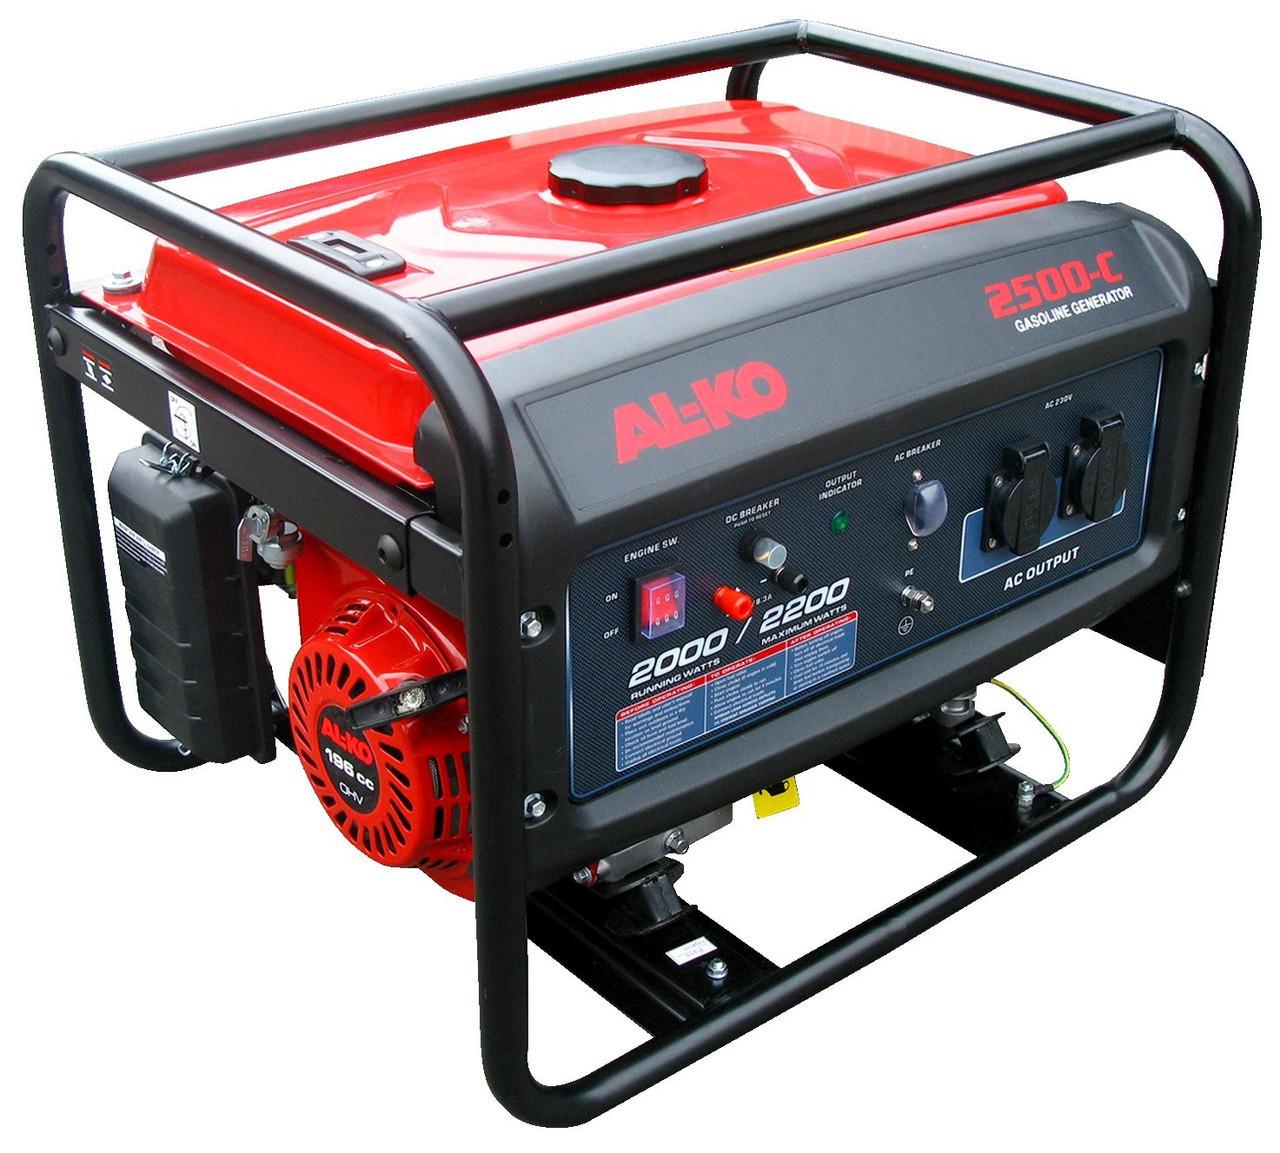 Генератор бензиновый Al-ko 2500 С (130 930)